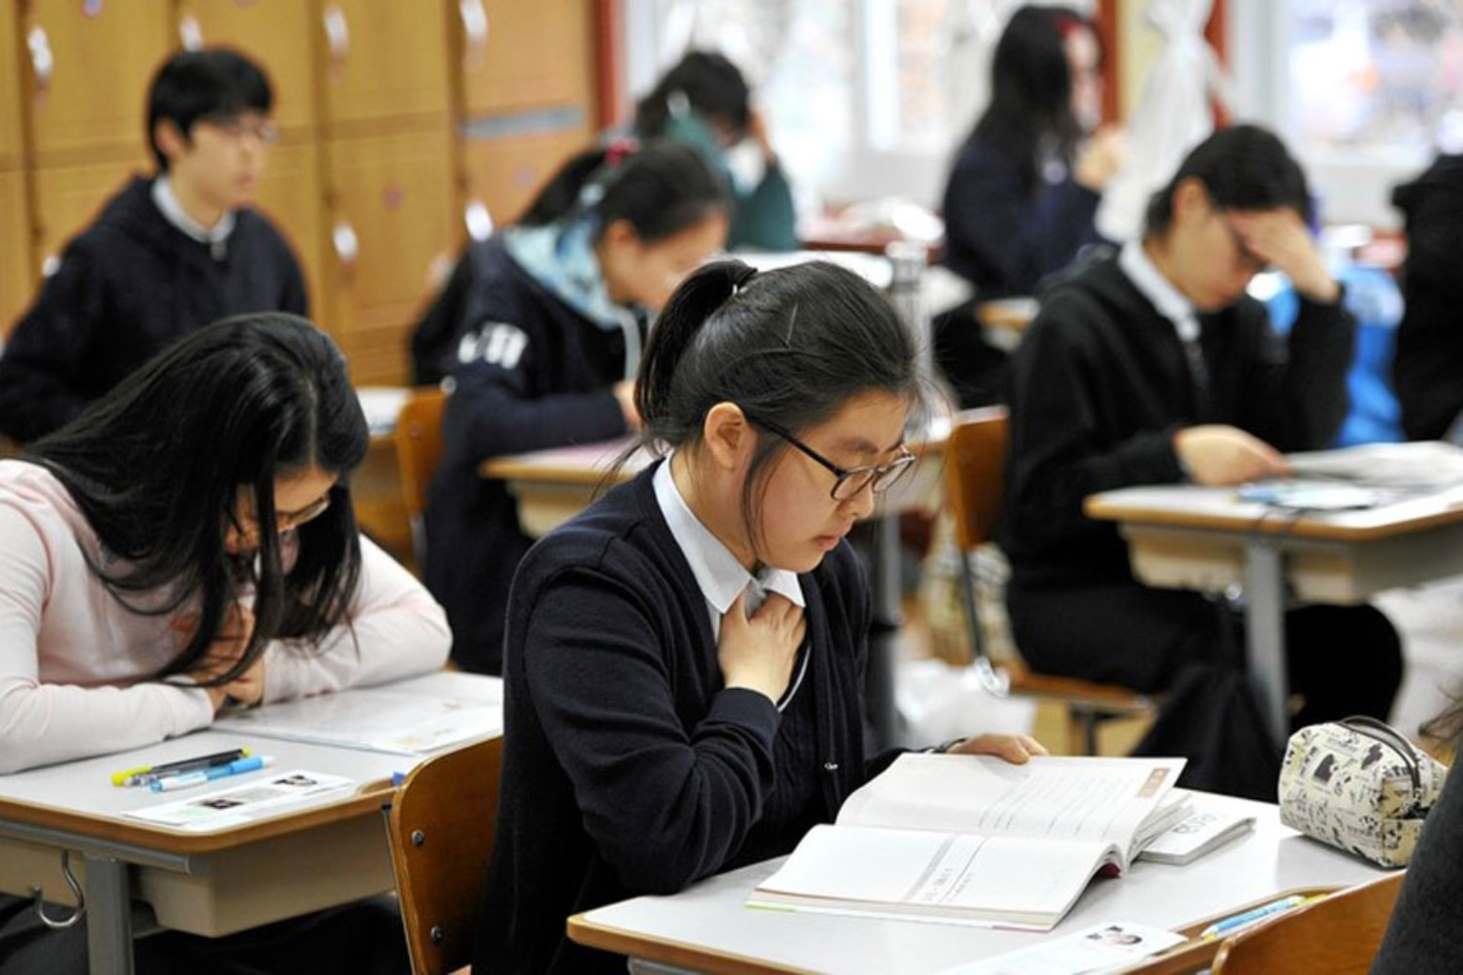 kak-uchatsya-v-mire-sistema-obrazovaniya-v-yuzhnoj-koree